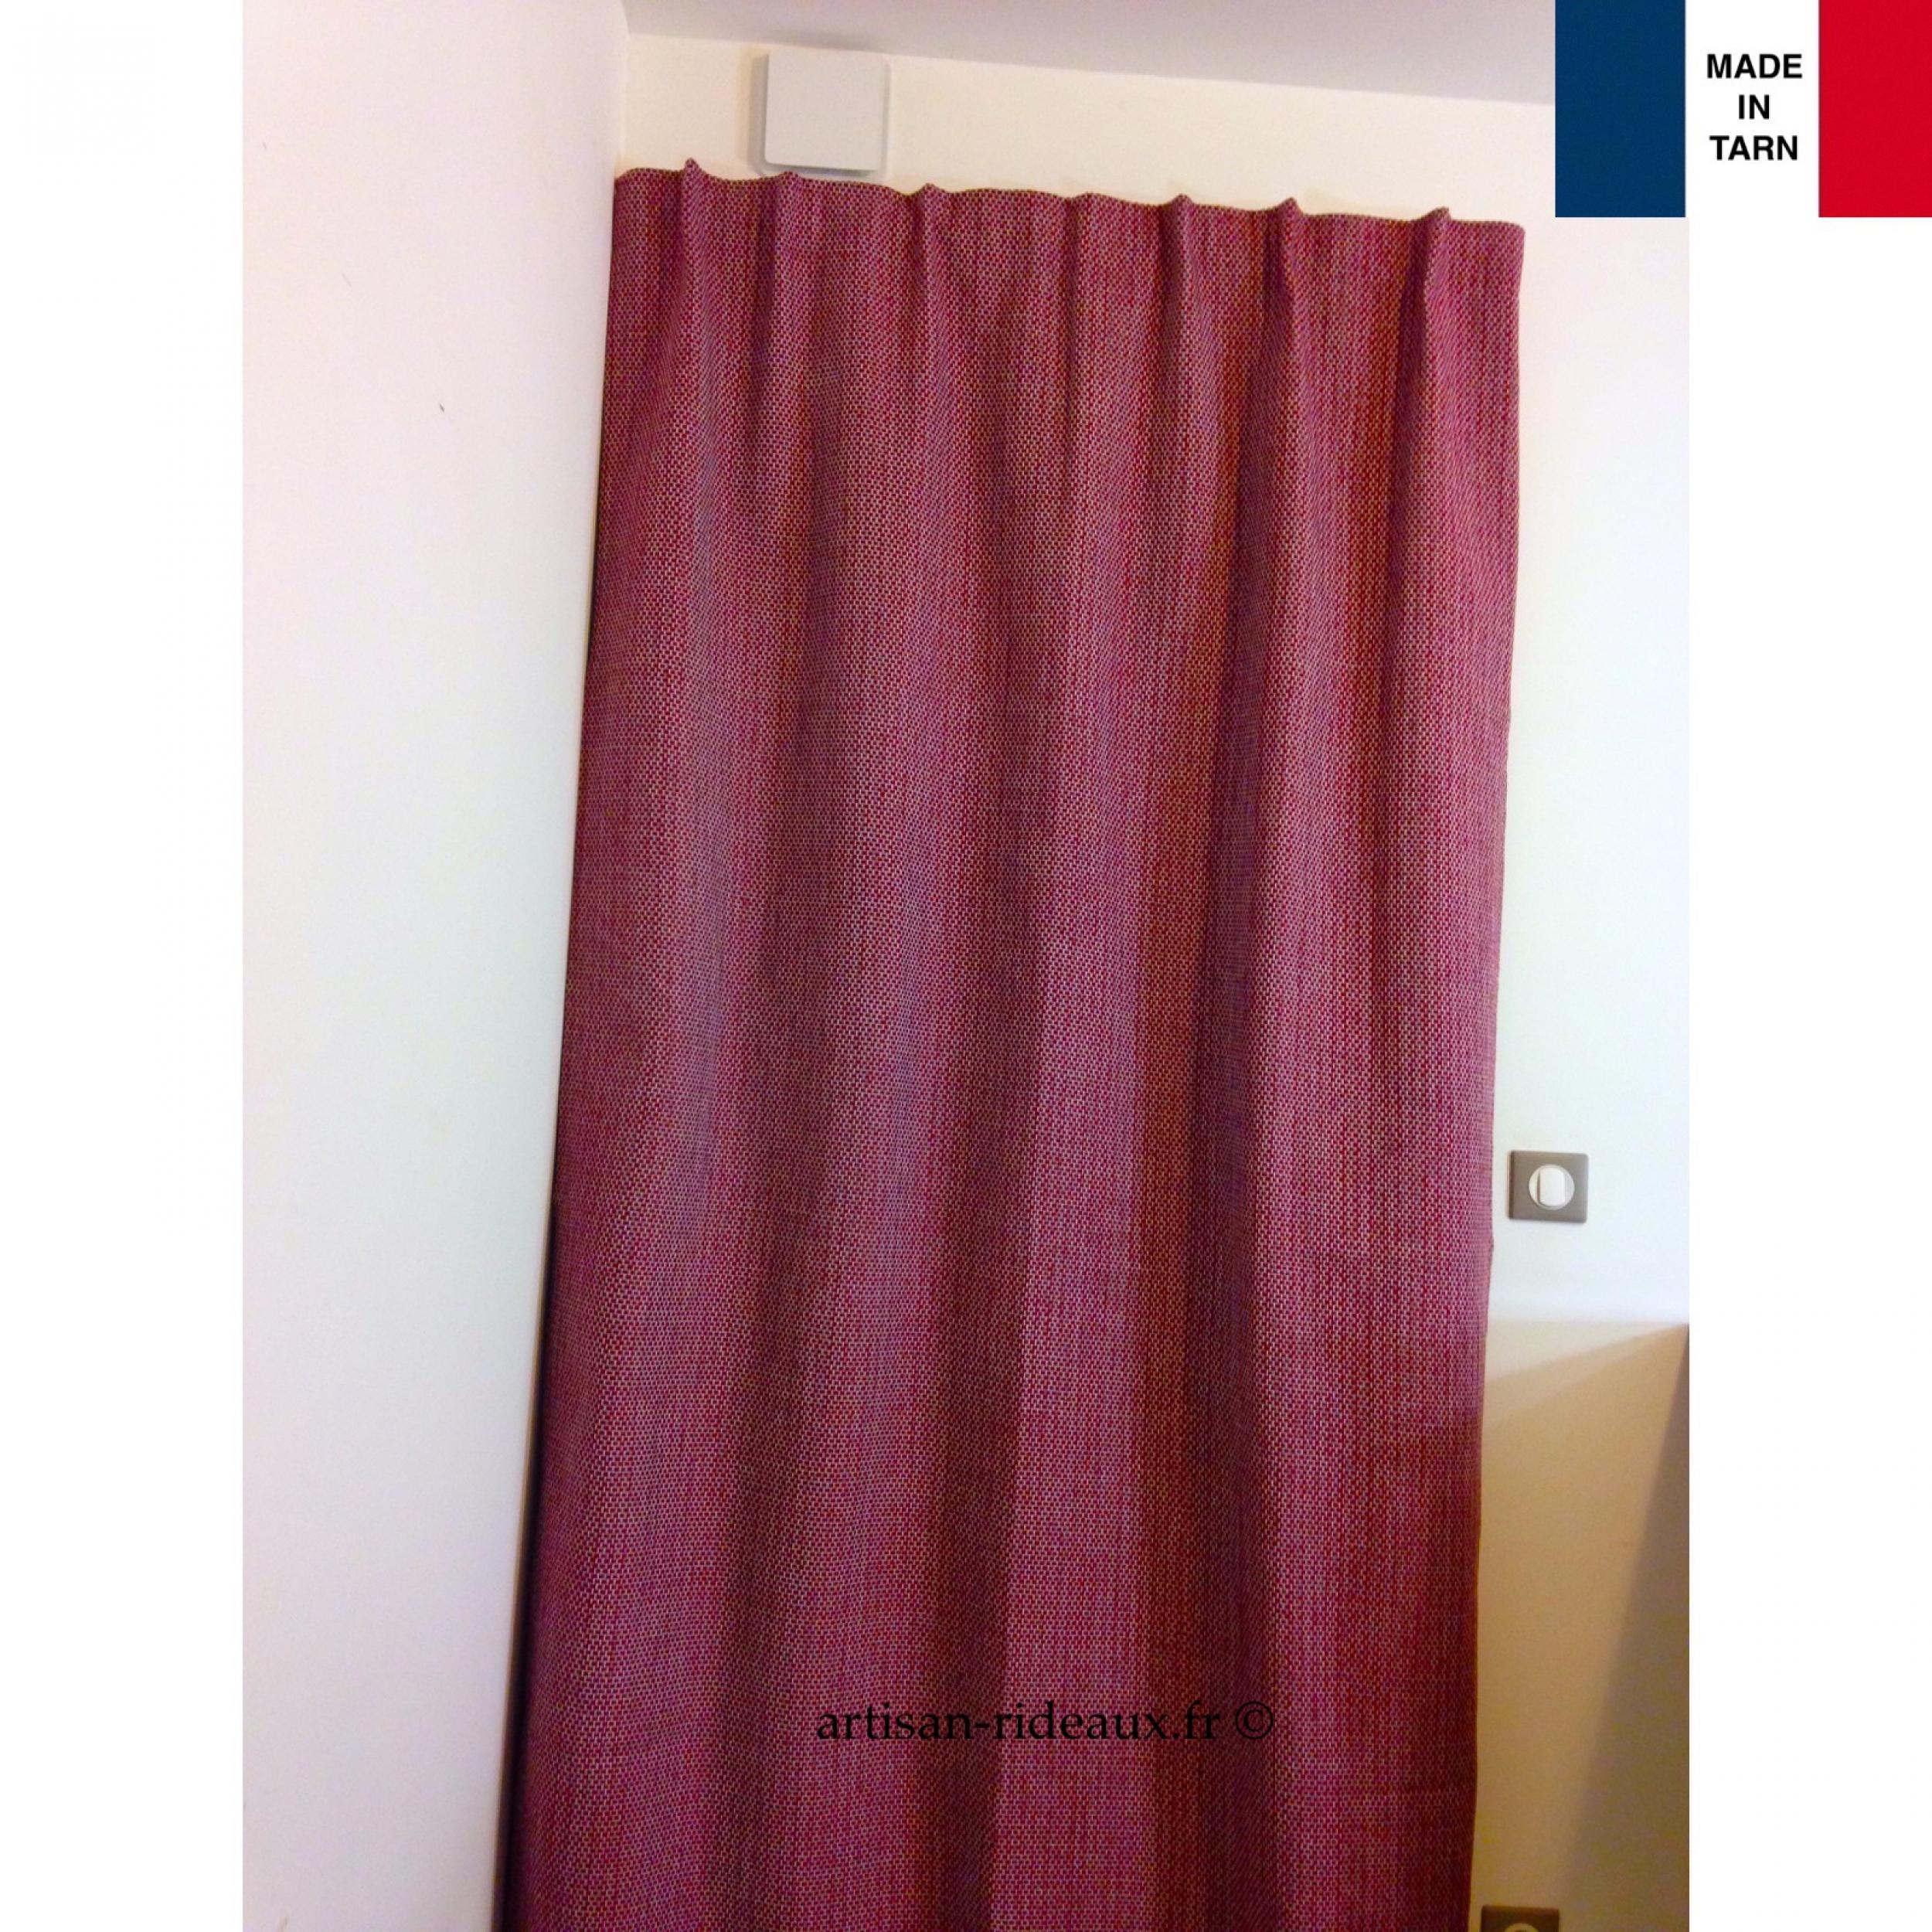 Rideaux ruflette isolant thermique pour tringle porti re poesia bordeaux 136 x 235 cm l - Rideaux isolant thermique ...